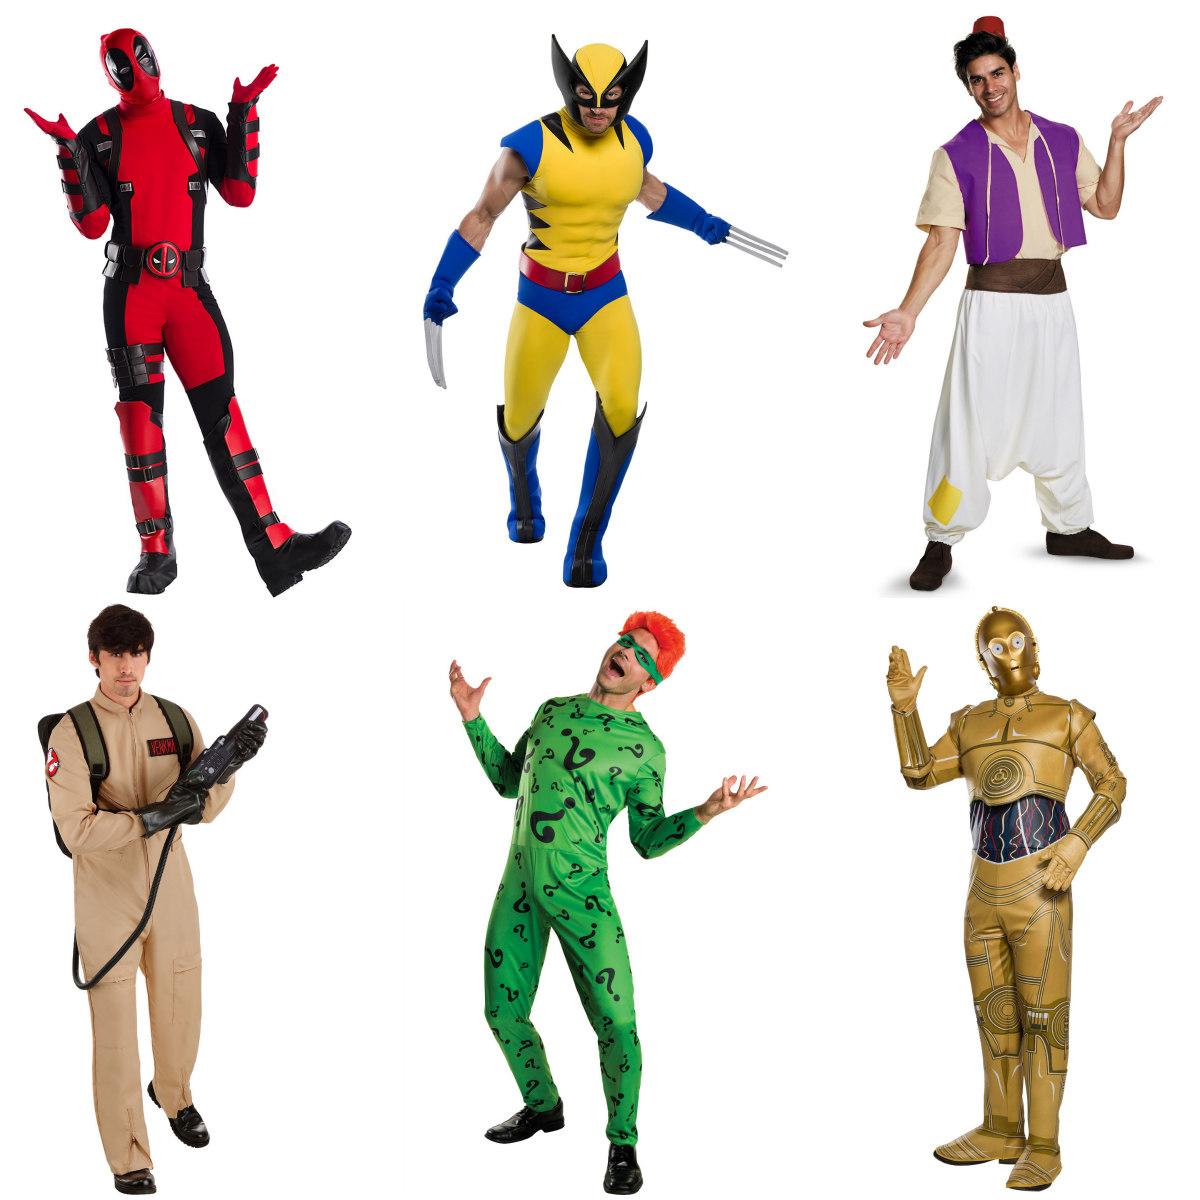 Popular Halloween Costumes for Men in 2020